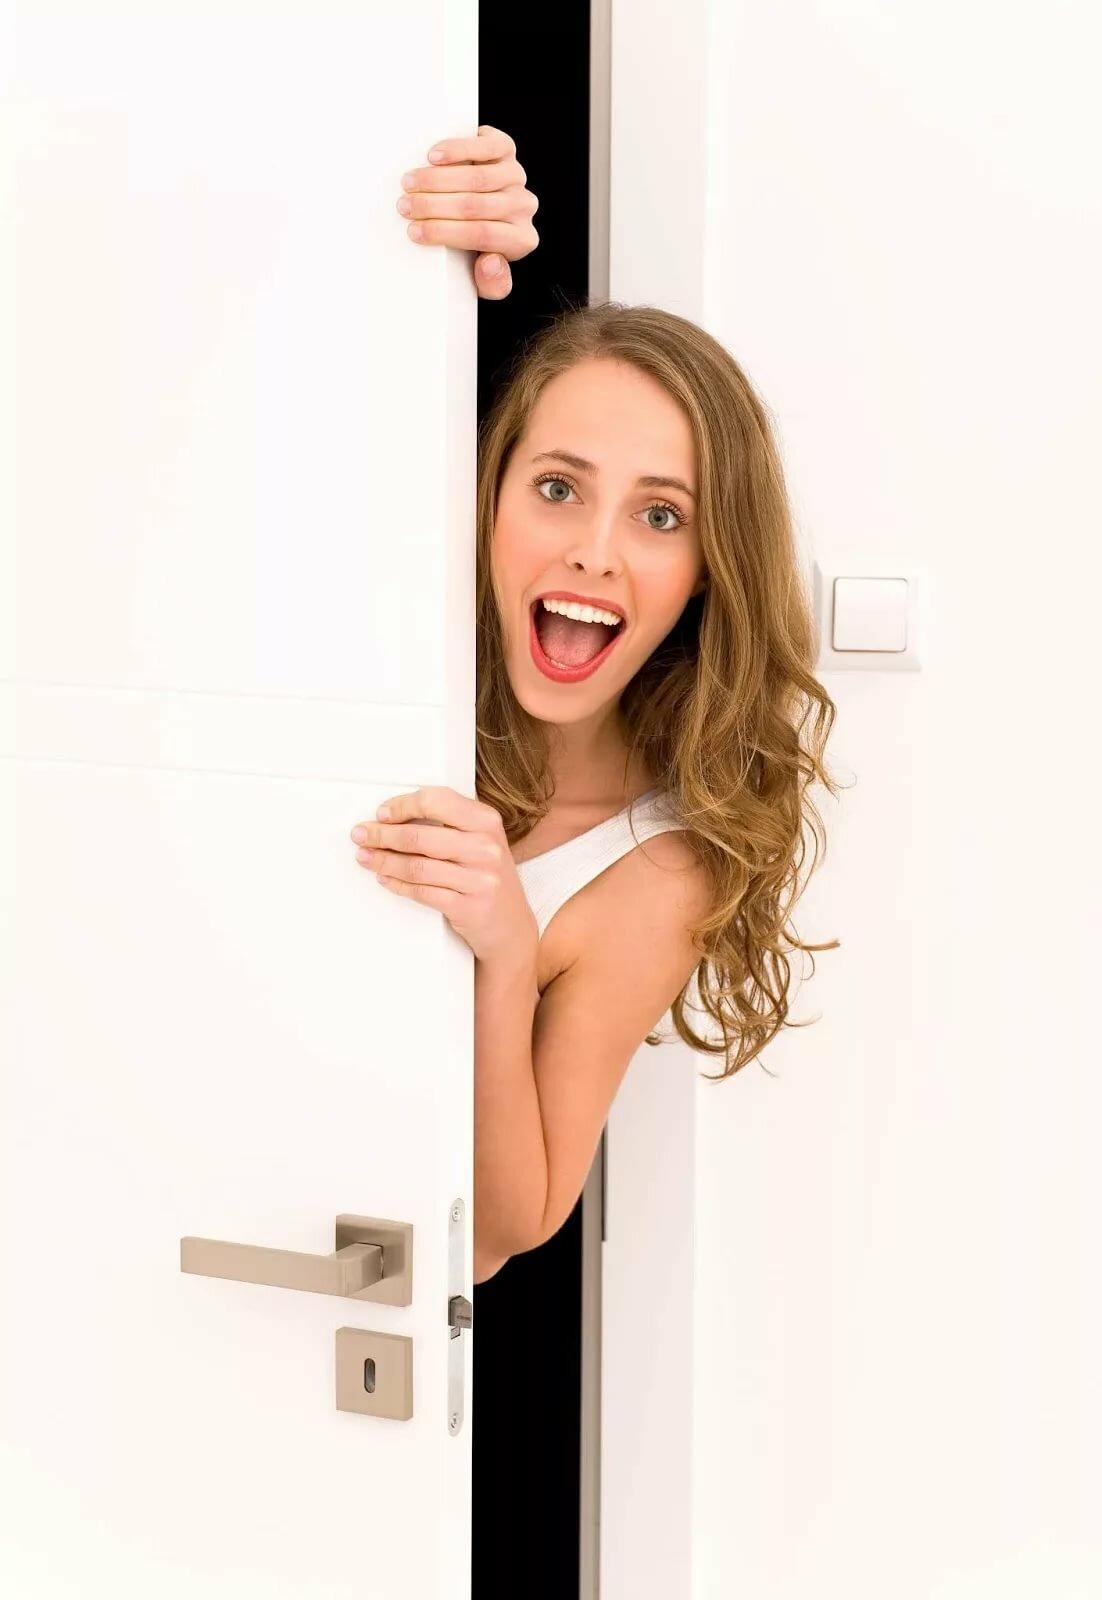 Картинка девочка открывает дверь